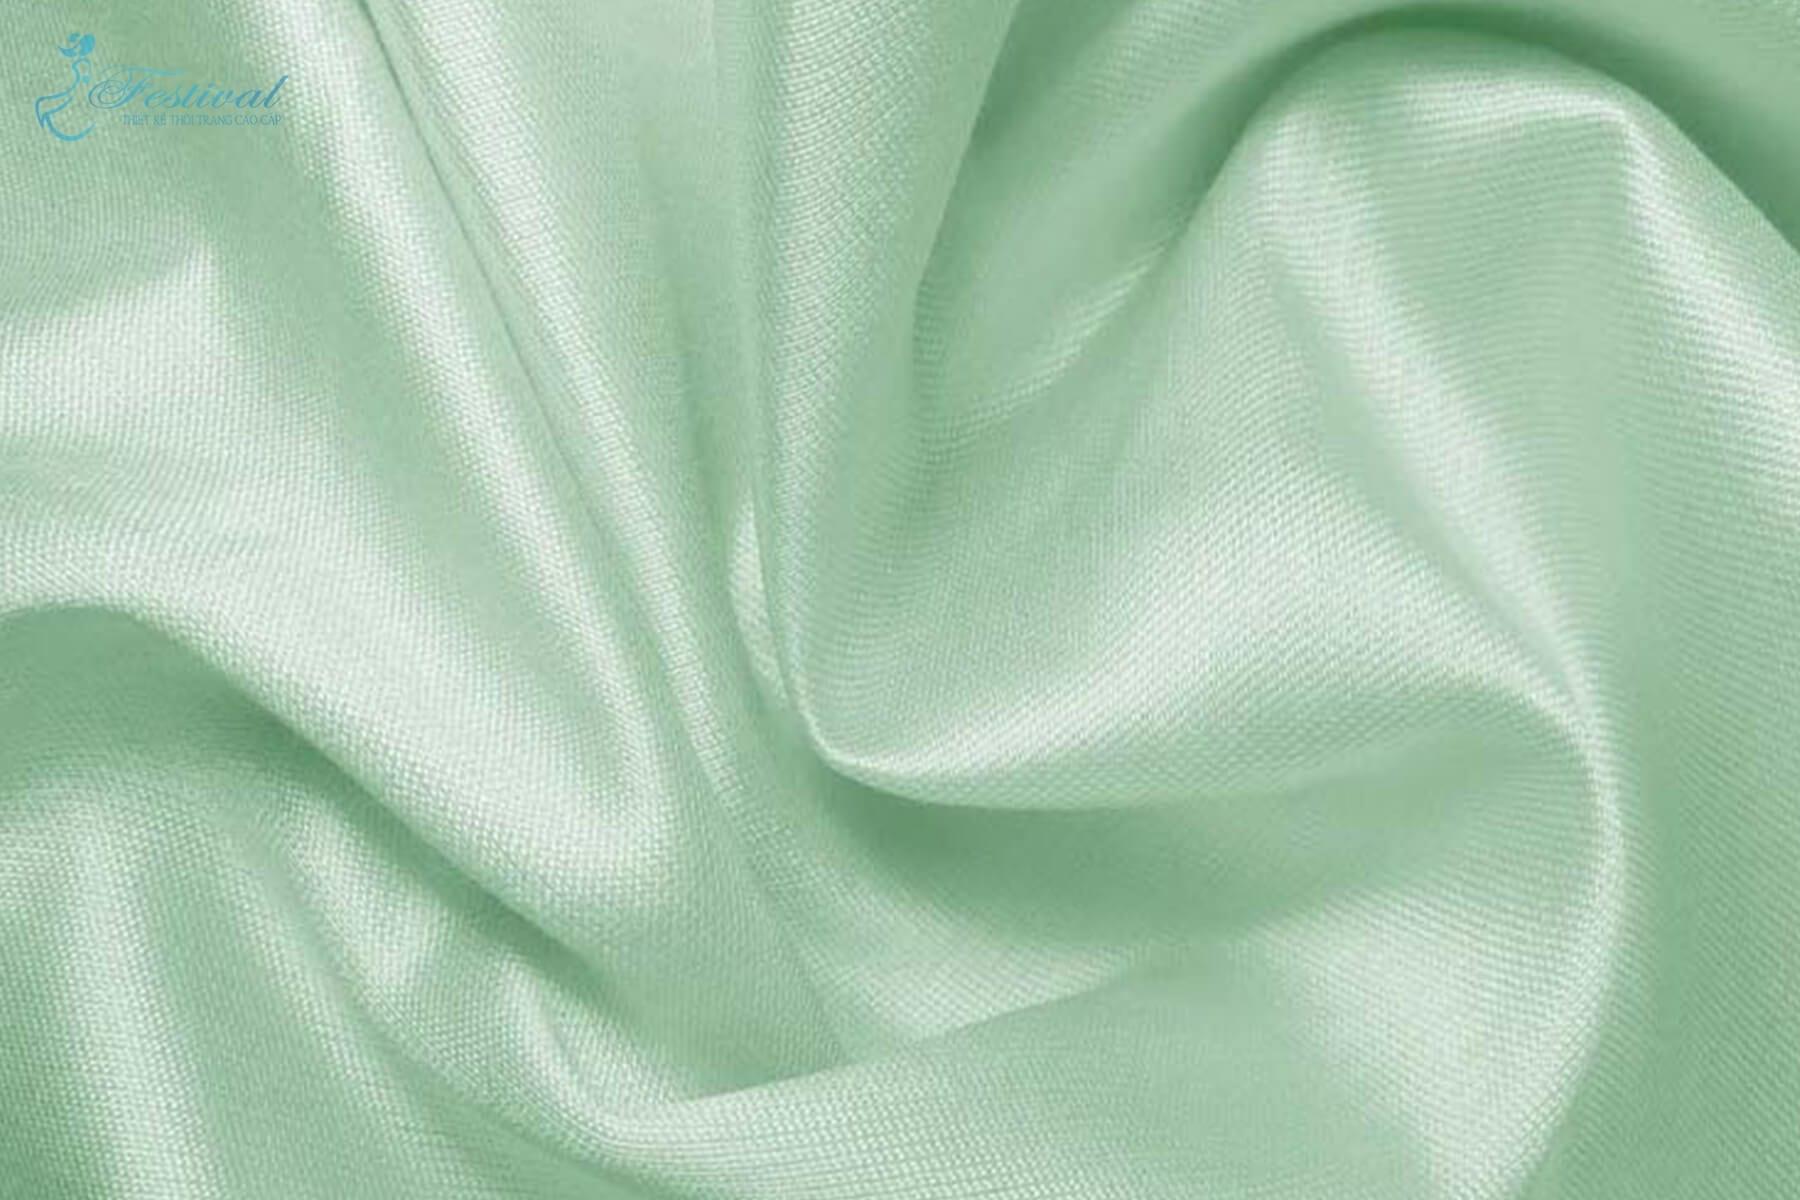 Cotton lụa - Vải cotton là gì? Hiểu rõ hơn về các loại vải cotton